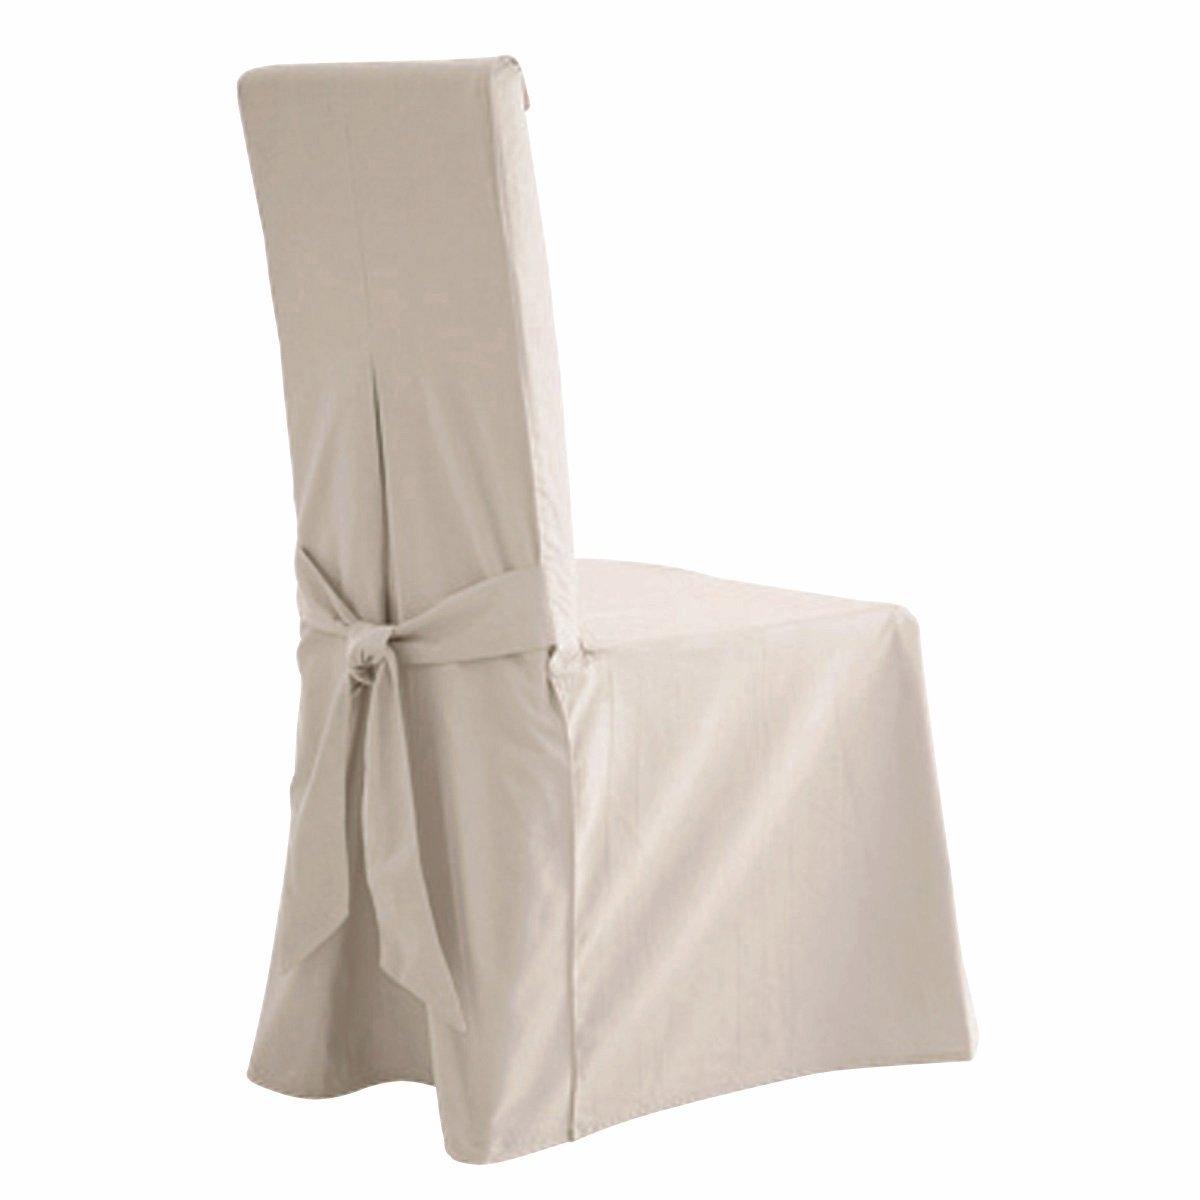 2 чехла для стулаСтильная модель выполнена в ультрасовременной цветовой гамме.Характеристика чехла для стула:- Красивая плотная ткань из 100% хлопка (220 г/м?), прочная и тяжелая. Стильная цветовая гамма.- Изысканная отделка: 2 встречные складки спереди, встречная складка и бант сзади. Качественная окраска: превосходная стойкость цвета перед воздействием солнечных лучей и стирки (40°).Размеры чехла для стула:- Спинка: общая высота 55 см, толщина 5 см, ширина 37 см.- Сидение: ширина от 37 до 45 см x глубина 40 см.- Юбка: высота 45 см.В комплекте 2 чехла одного цвета.Качество VALEUR SURE. Производство осуществляется с учетом стандартов по защите окружающей среды и здоровья человека, что подтверждено сертификатом Oeko-tex®.<br><br>Цвет: белый,медовый,серо-коричневый,серый жемчужный,сине-зеленый,сливовый,темно-серый,экрю<br>Размер: единый размер.единый размер.единый размер.единый размер.единый размер.единый размер.единый размер.единый размер